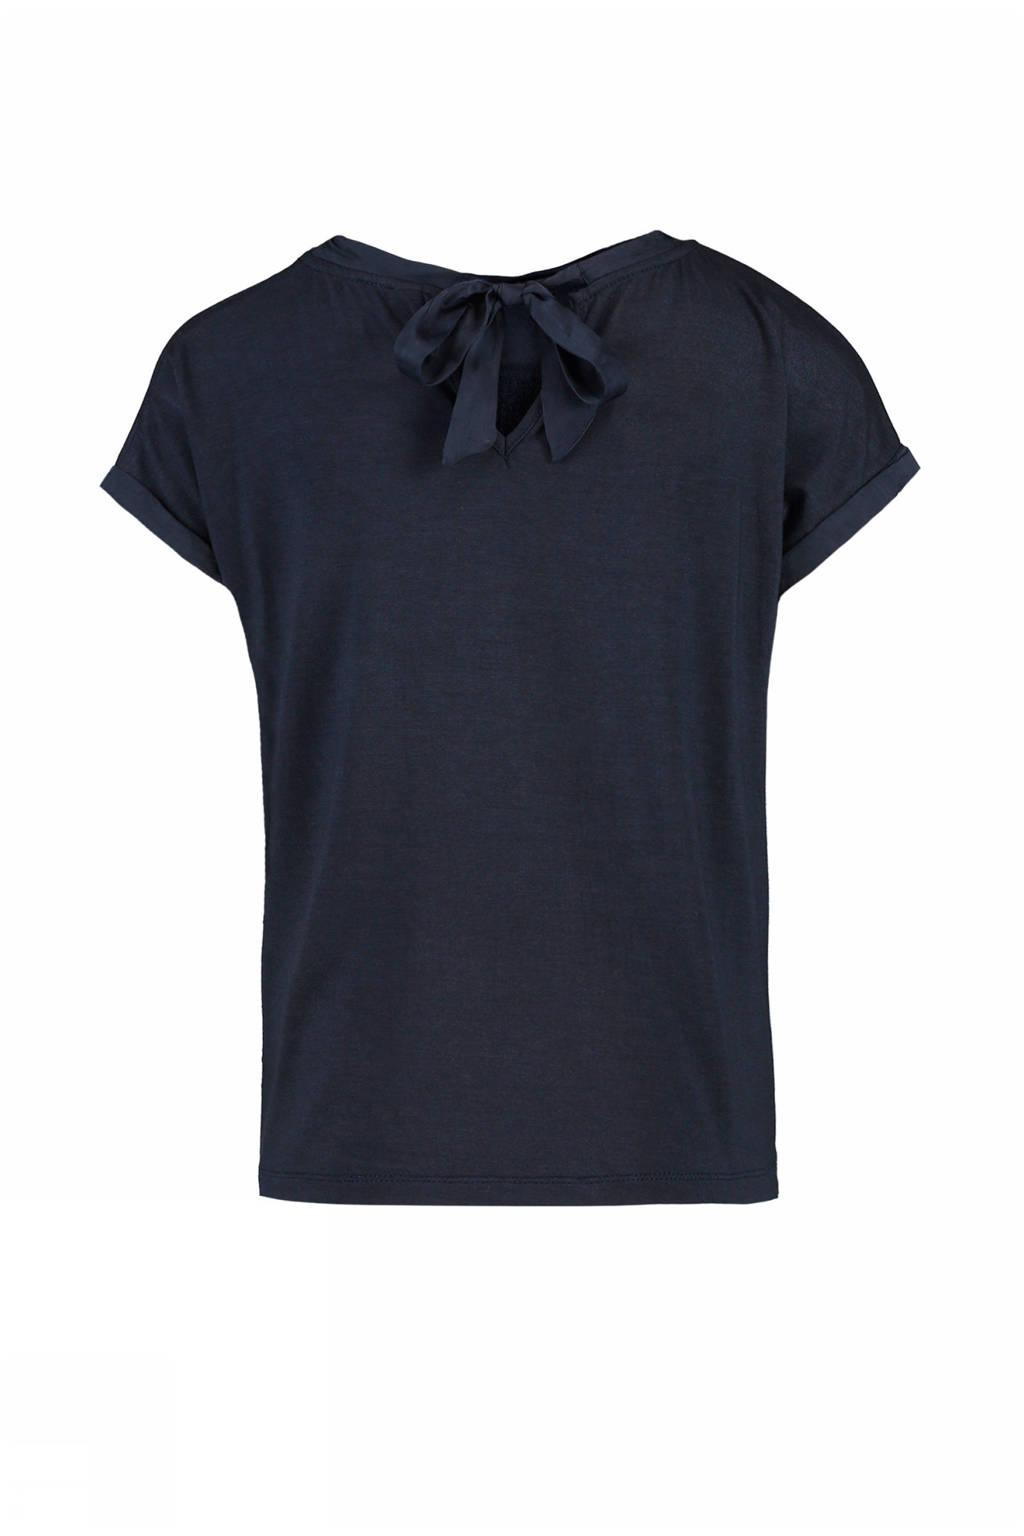 CKS KIDS T-shirt Hesira met pailletten donkerblauw, Donkerblauw